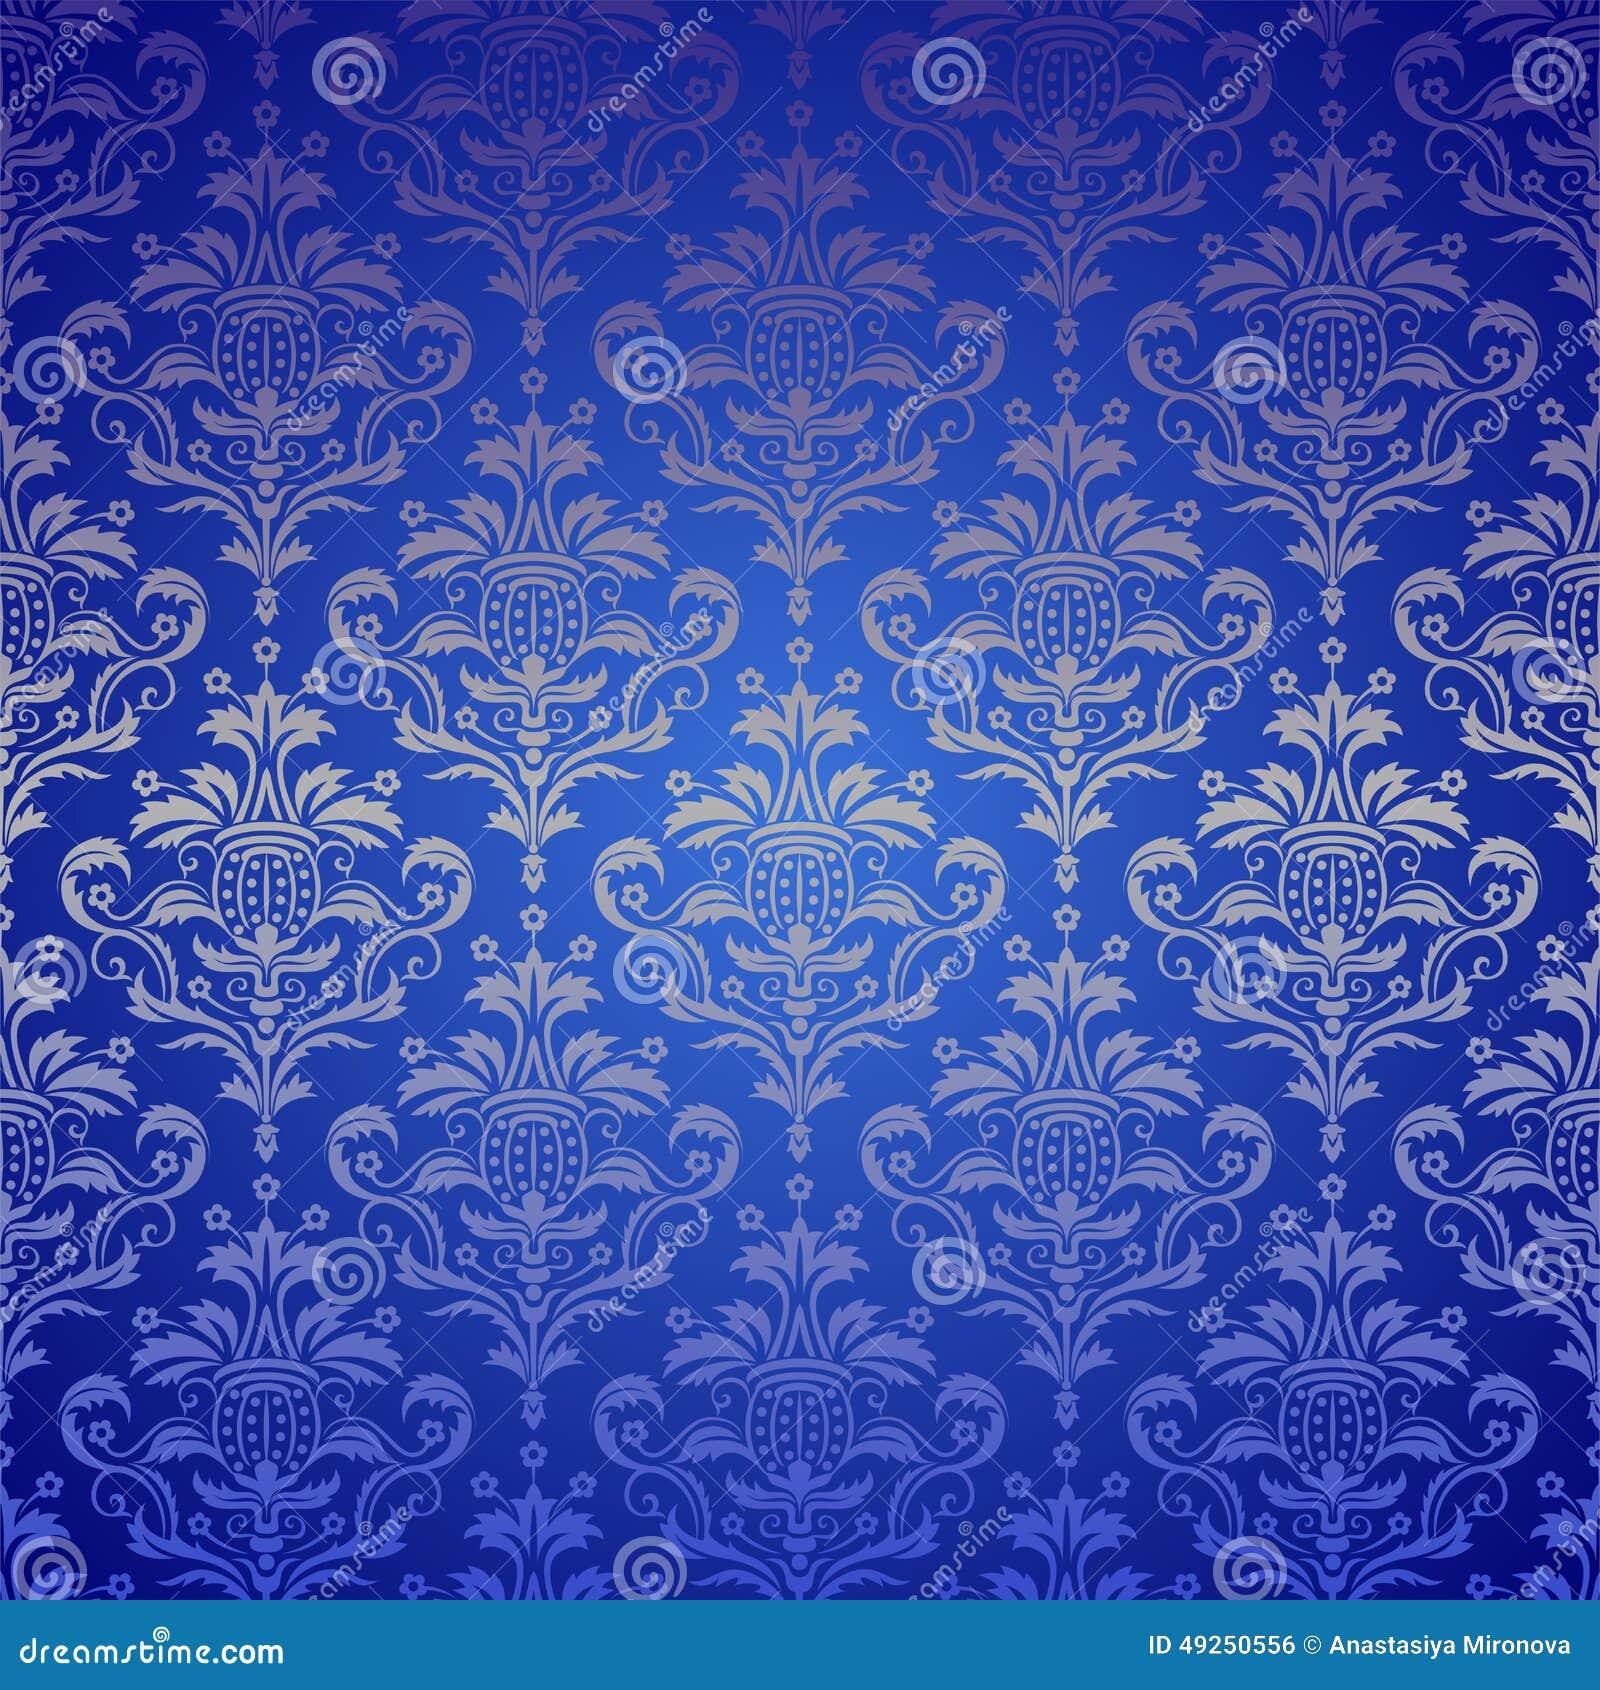 Blue Color Design Wallpaper Karice